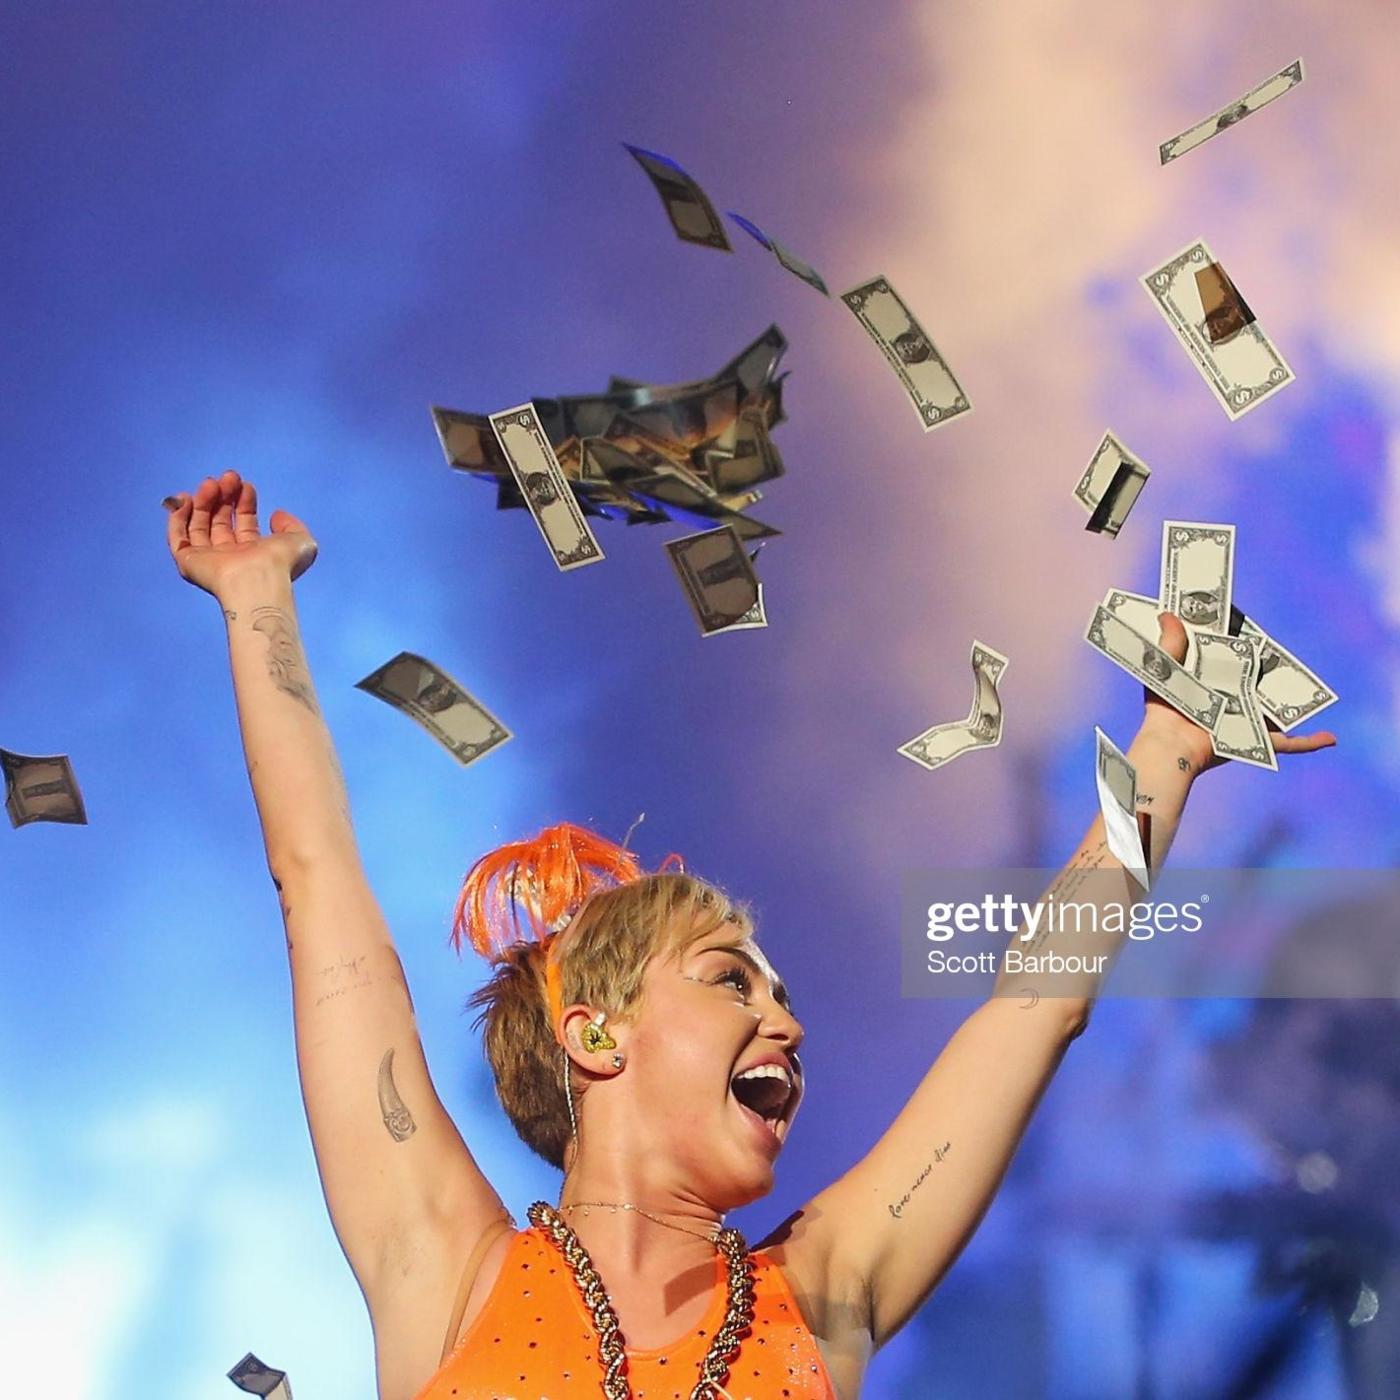 #24 - L'argent fait-il le bonheur ? - Avec Aude Alisque